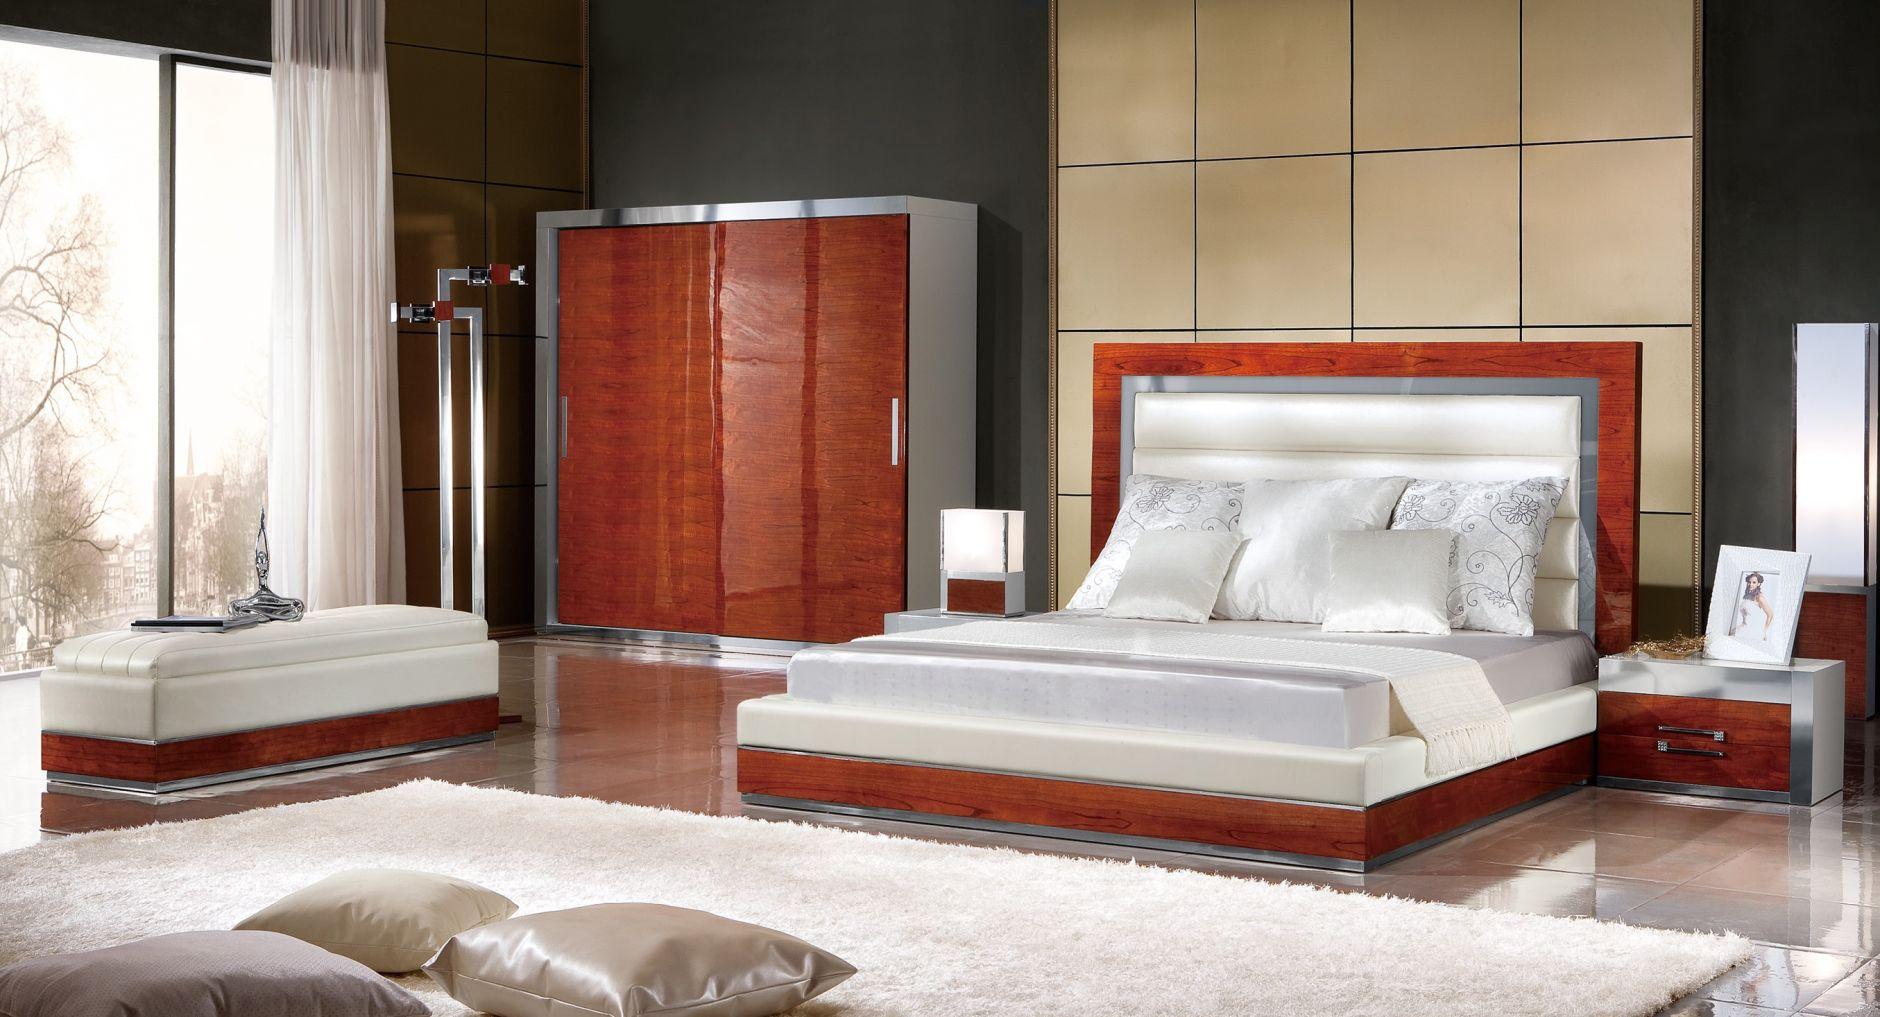 Designer m bel designer schlafzimmer serie ys003die - Designermobel italien ...